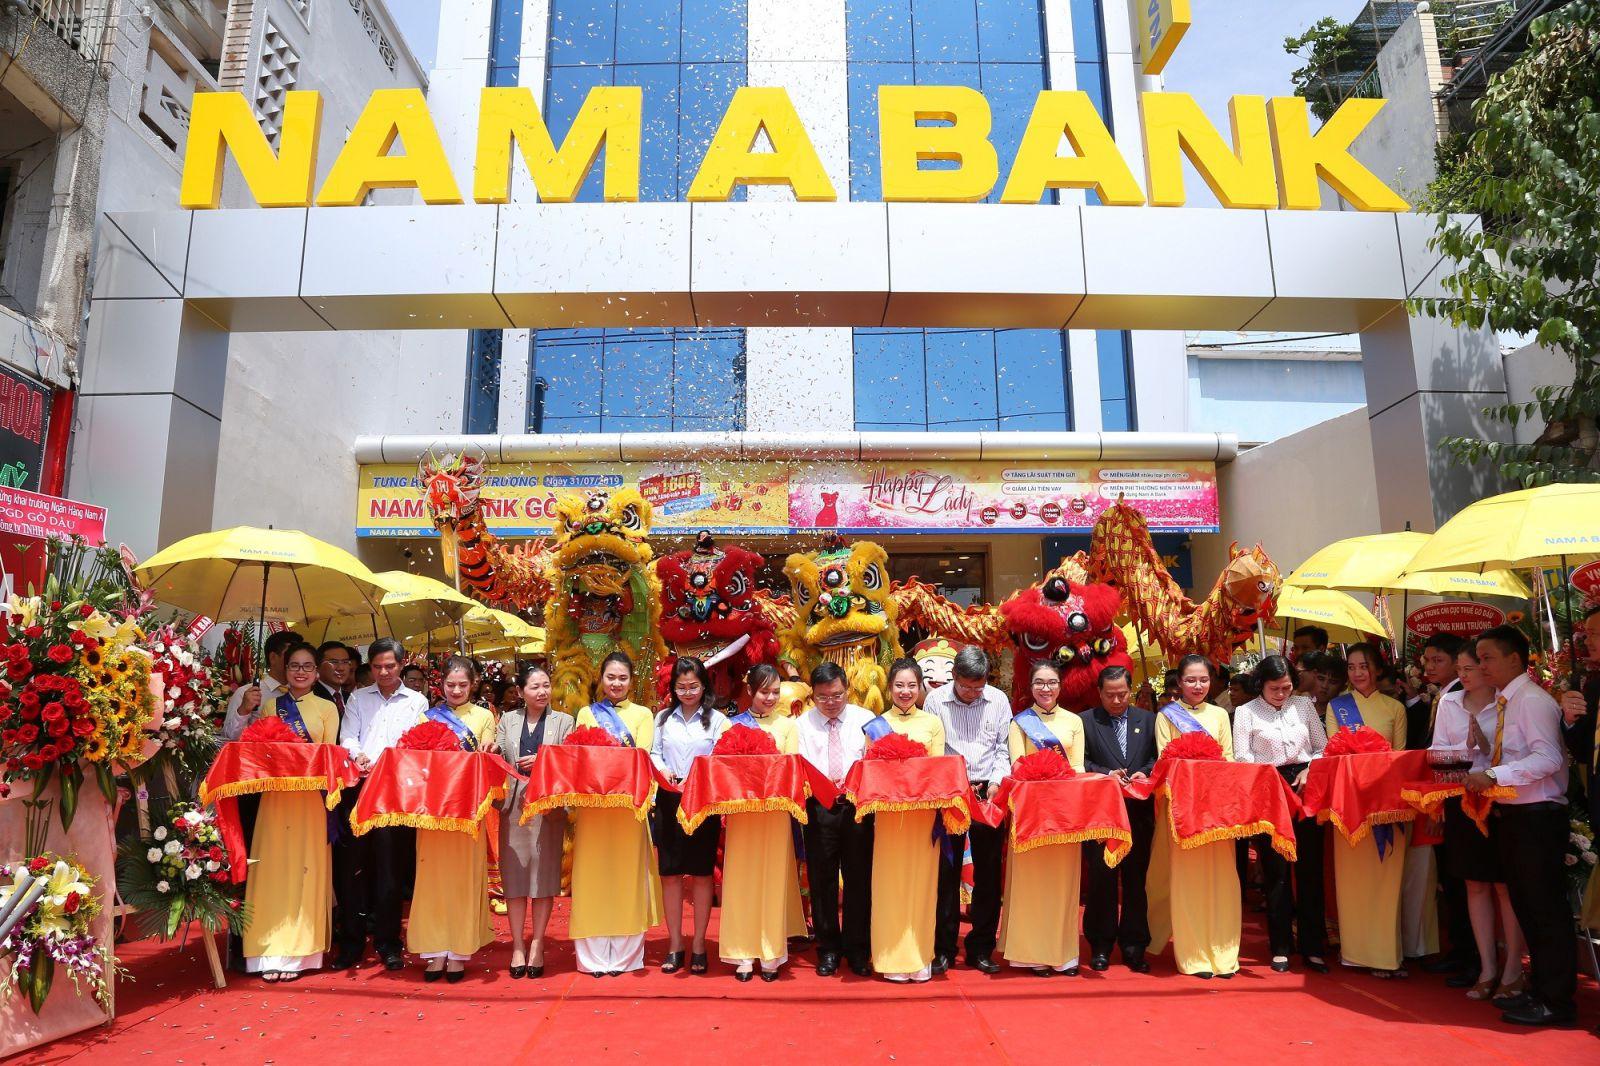 Nam A Bank Tân Biên và Nam A Bank Gò Dầu chính thức đưa vào hoạt động sẽ tiếp tục cung cấp các giải pháp tài chính tối ưu cho khách hàng địa phương và khu vực lân cận.